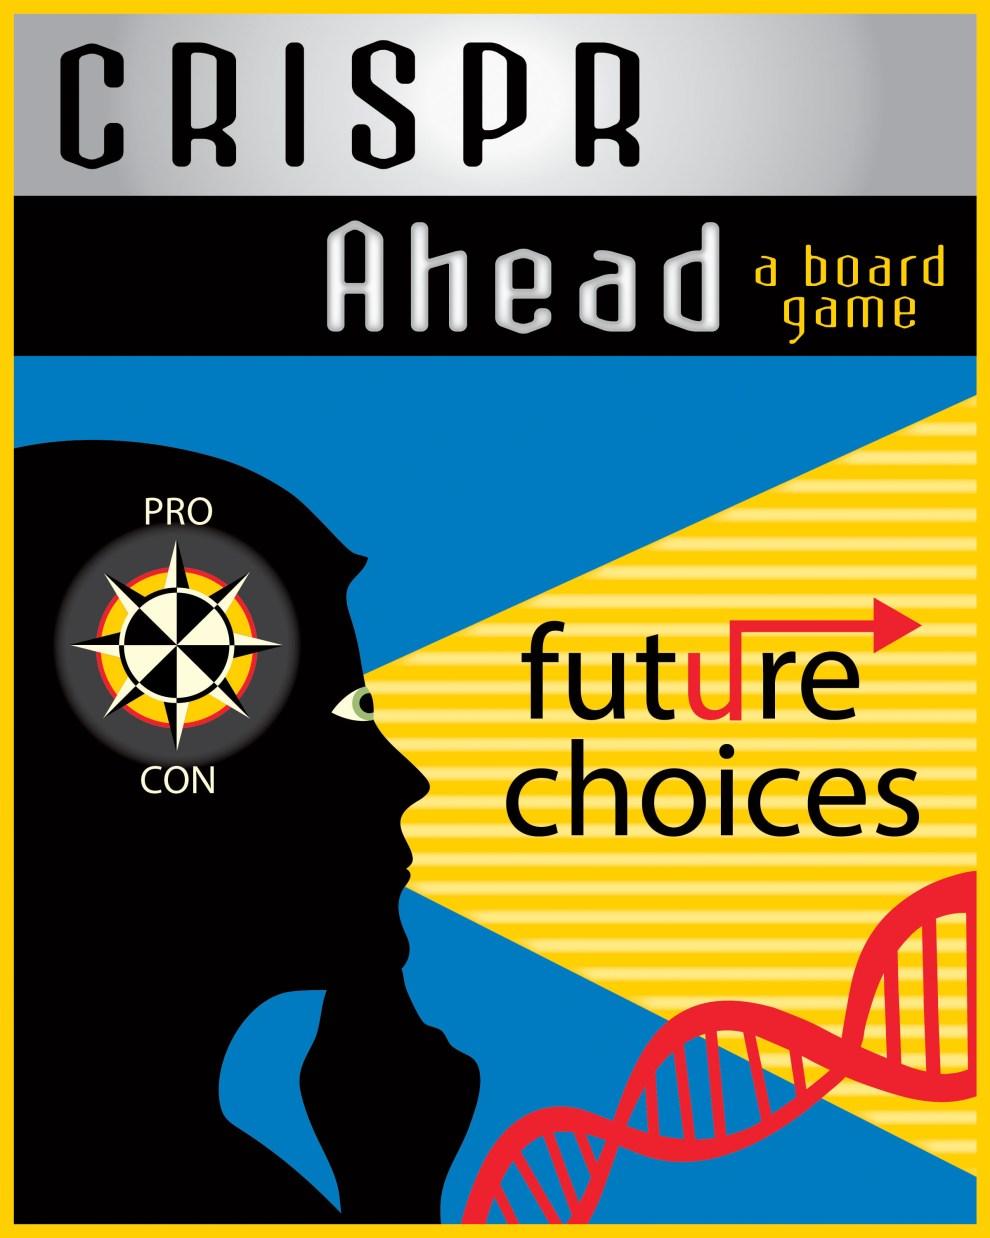 CRISPR Ahead Future Choices